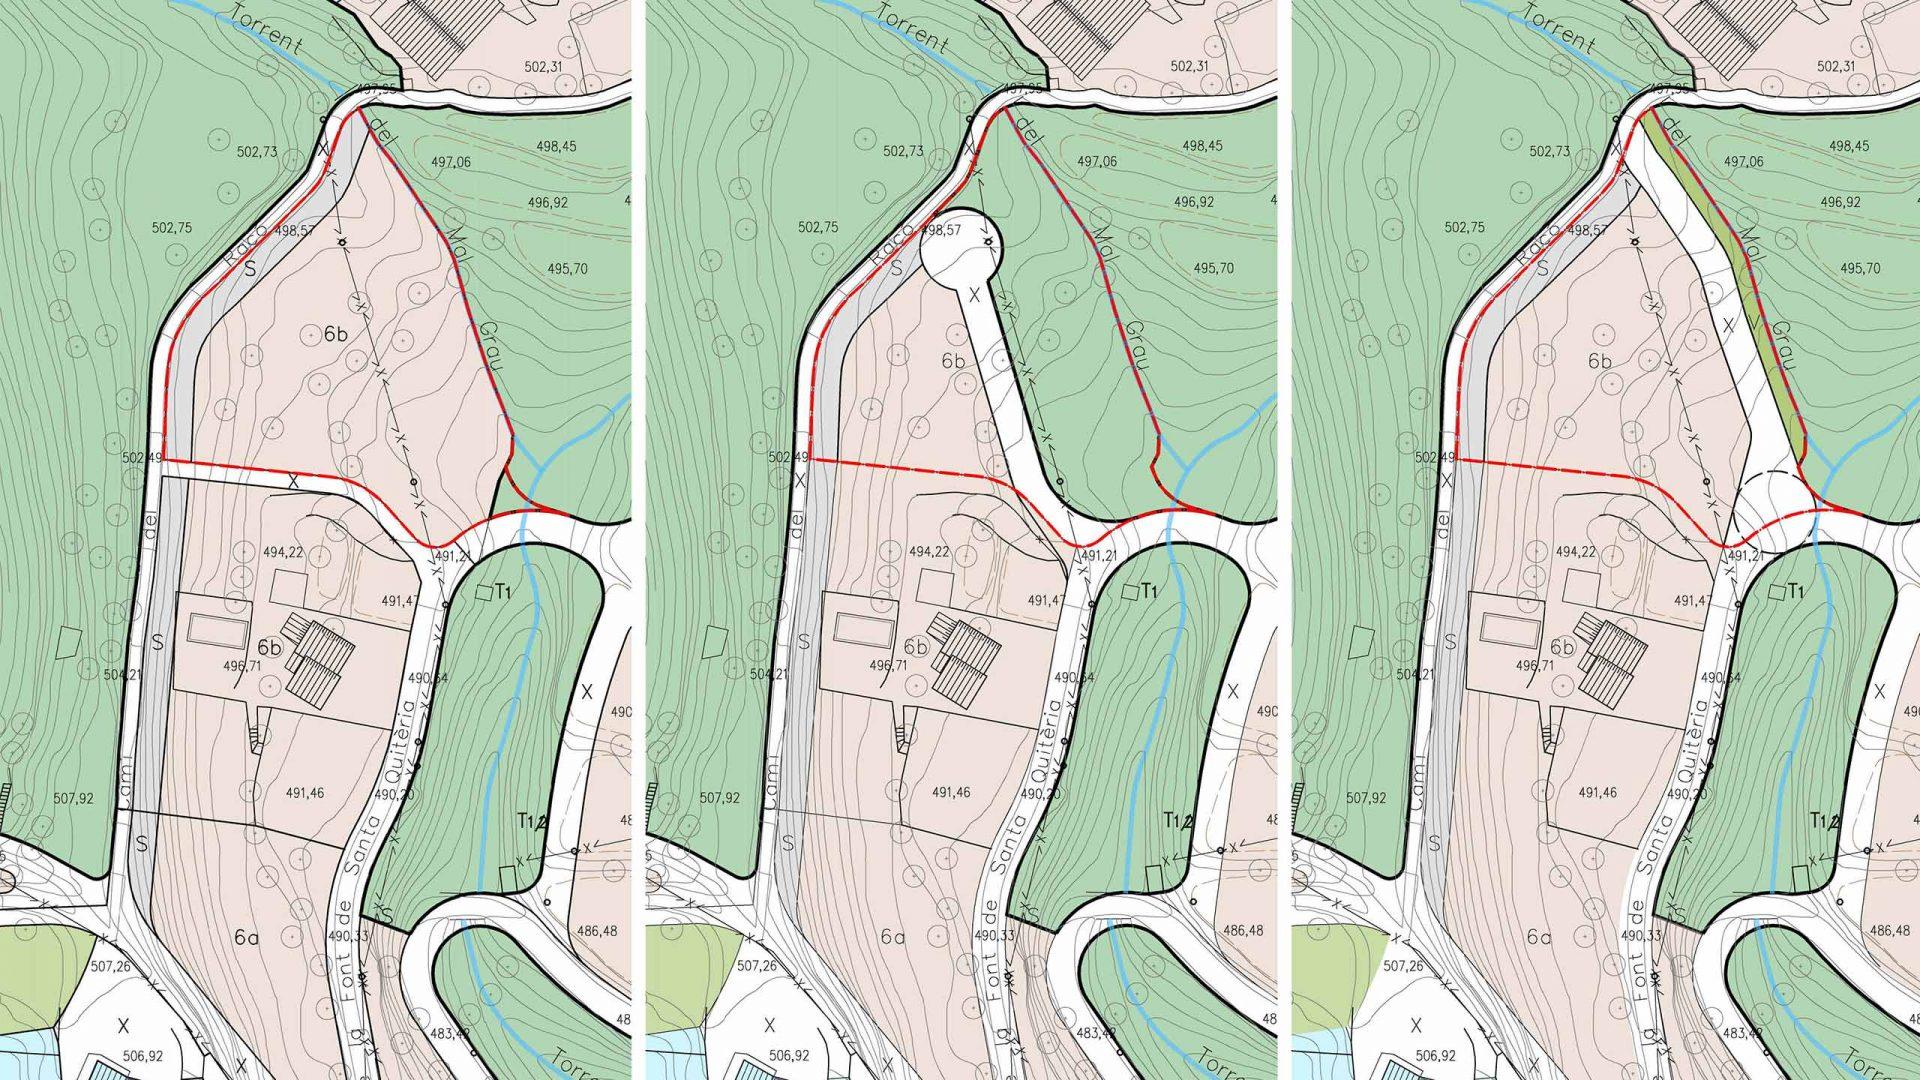 Comparativa entre el POUM (2010), MPPOUM (2015) i la proposta de l'estudi de Territoris (2017) a nivell de Qualificació del sòl.